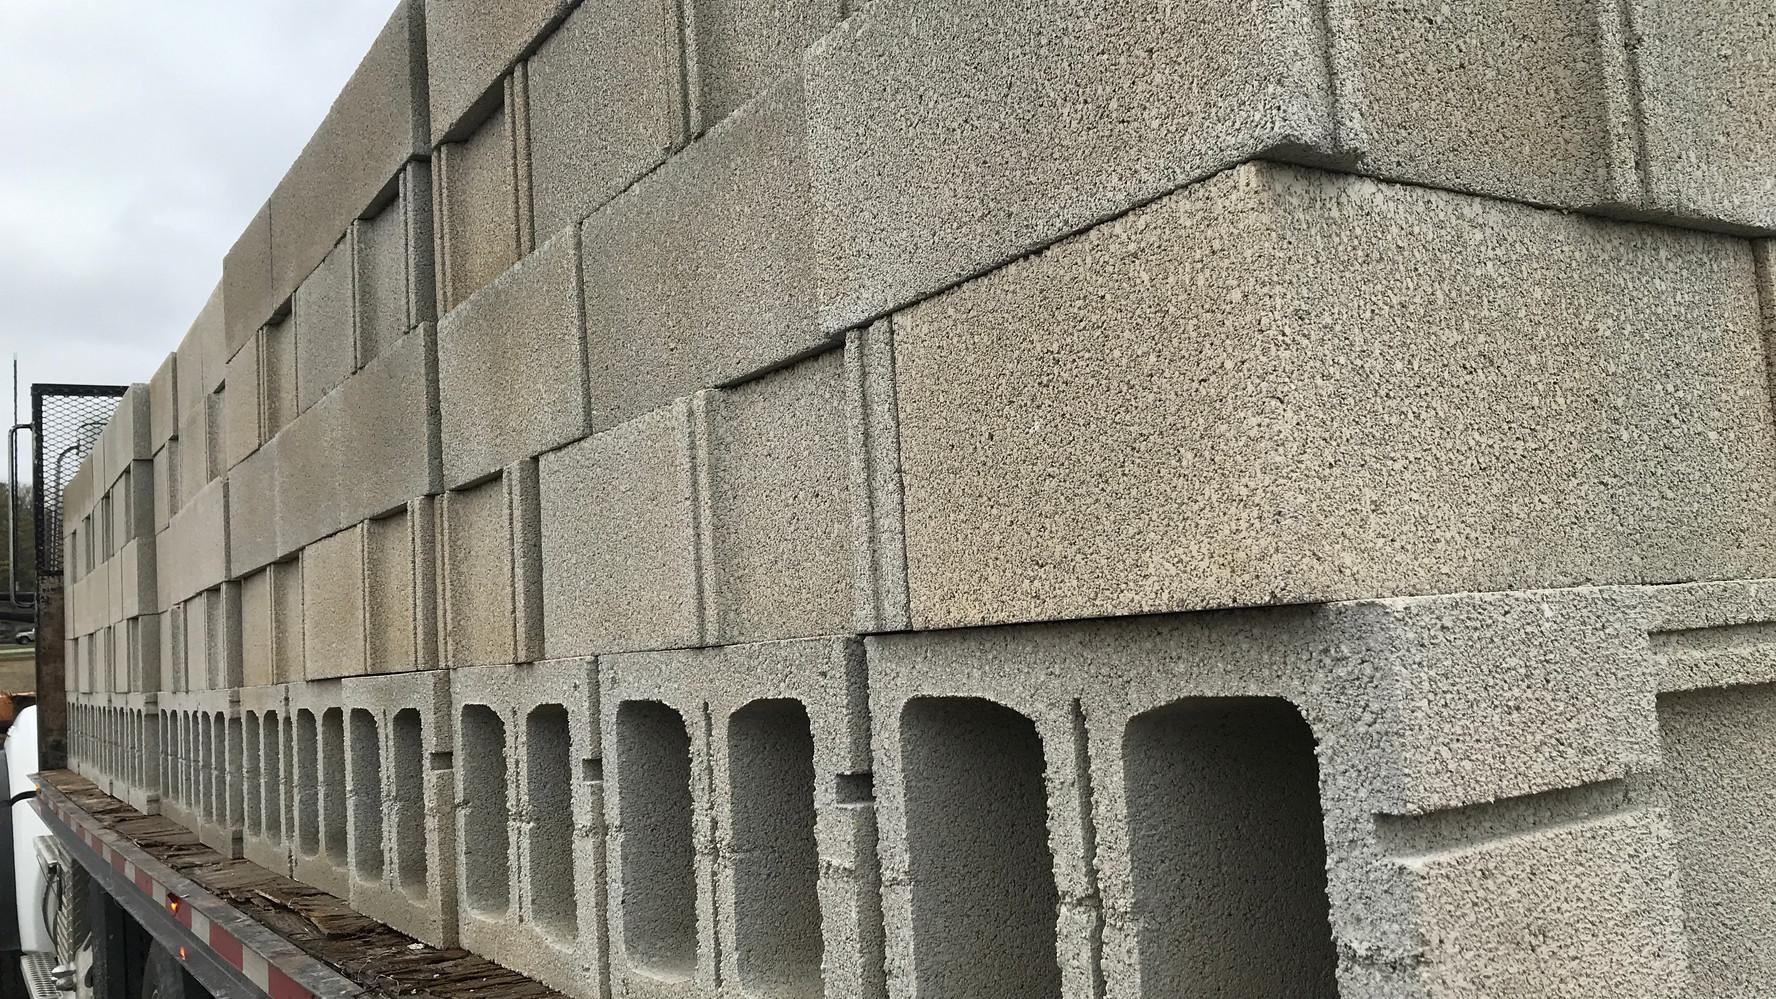 Delivering block for foundation 10-28-20